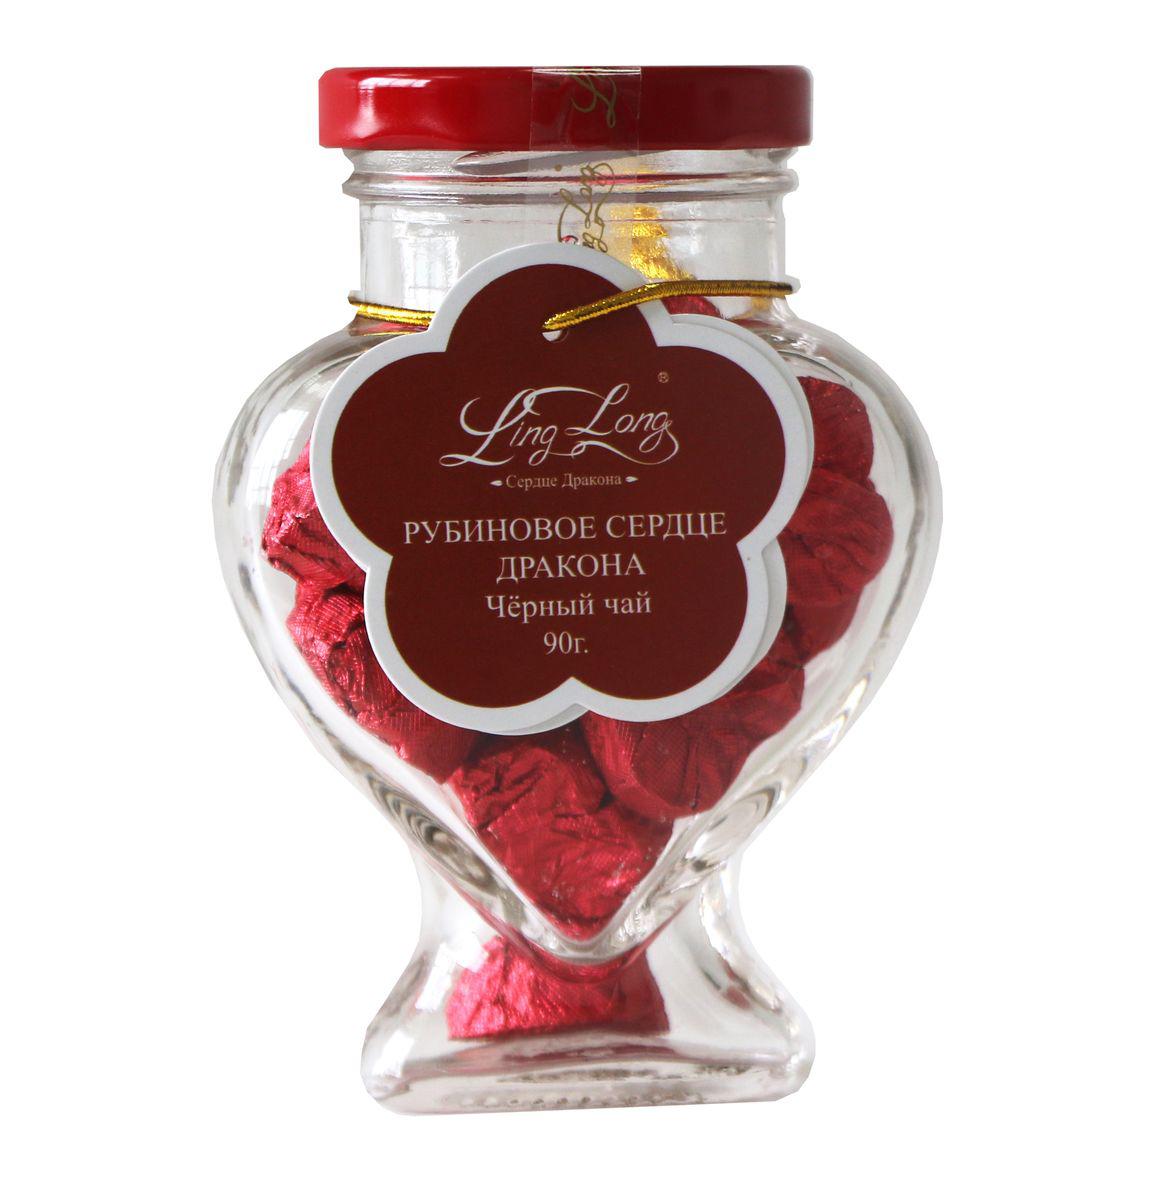 Ling Long Рубиновое сердце черный листовой чай, 90 г (стеклянная банка)0120710Чай чёрный байховый китайский крупнолистовой Ling Long Рубиновое сердце. Спрессован в форме сердечек. Такой чай станет отличным подарком друзьям или близким.